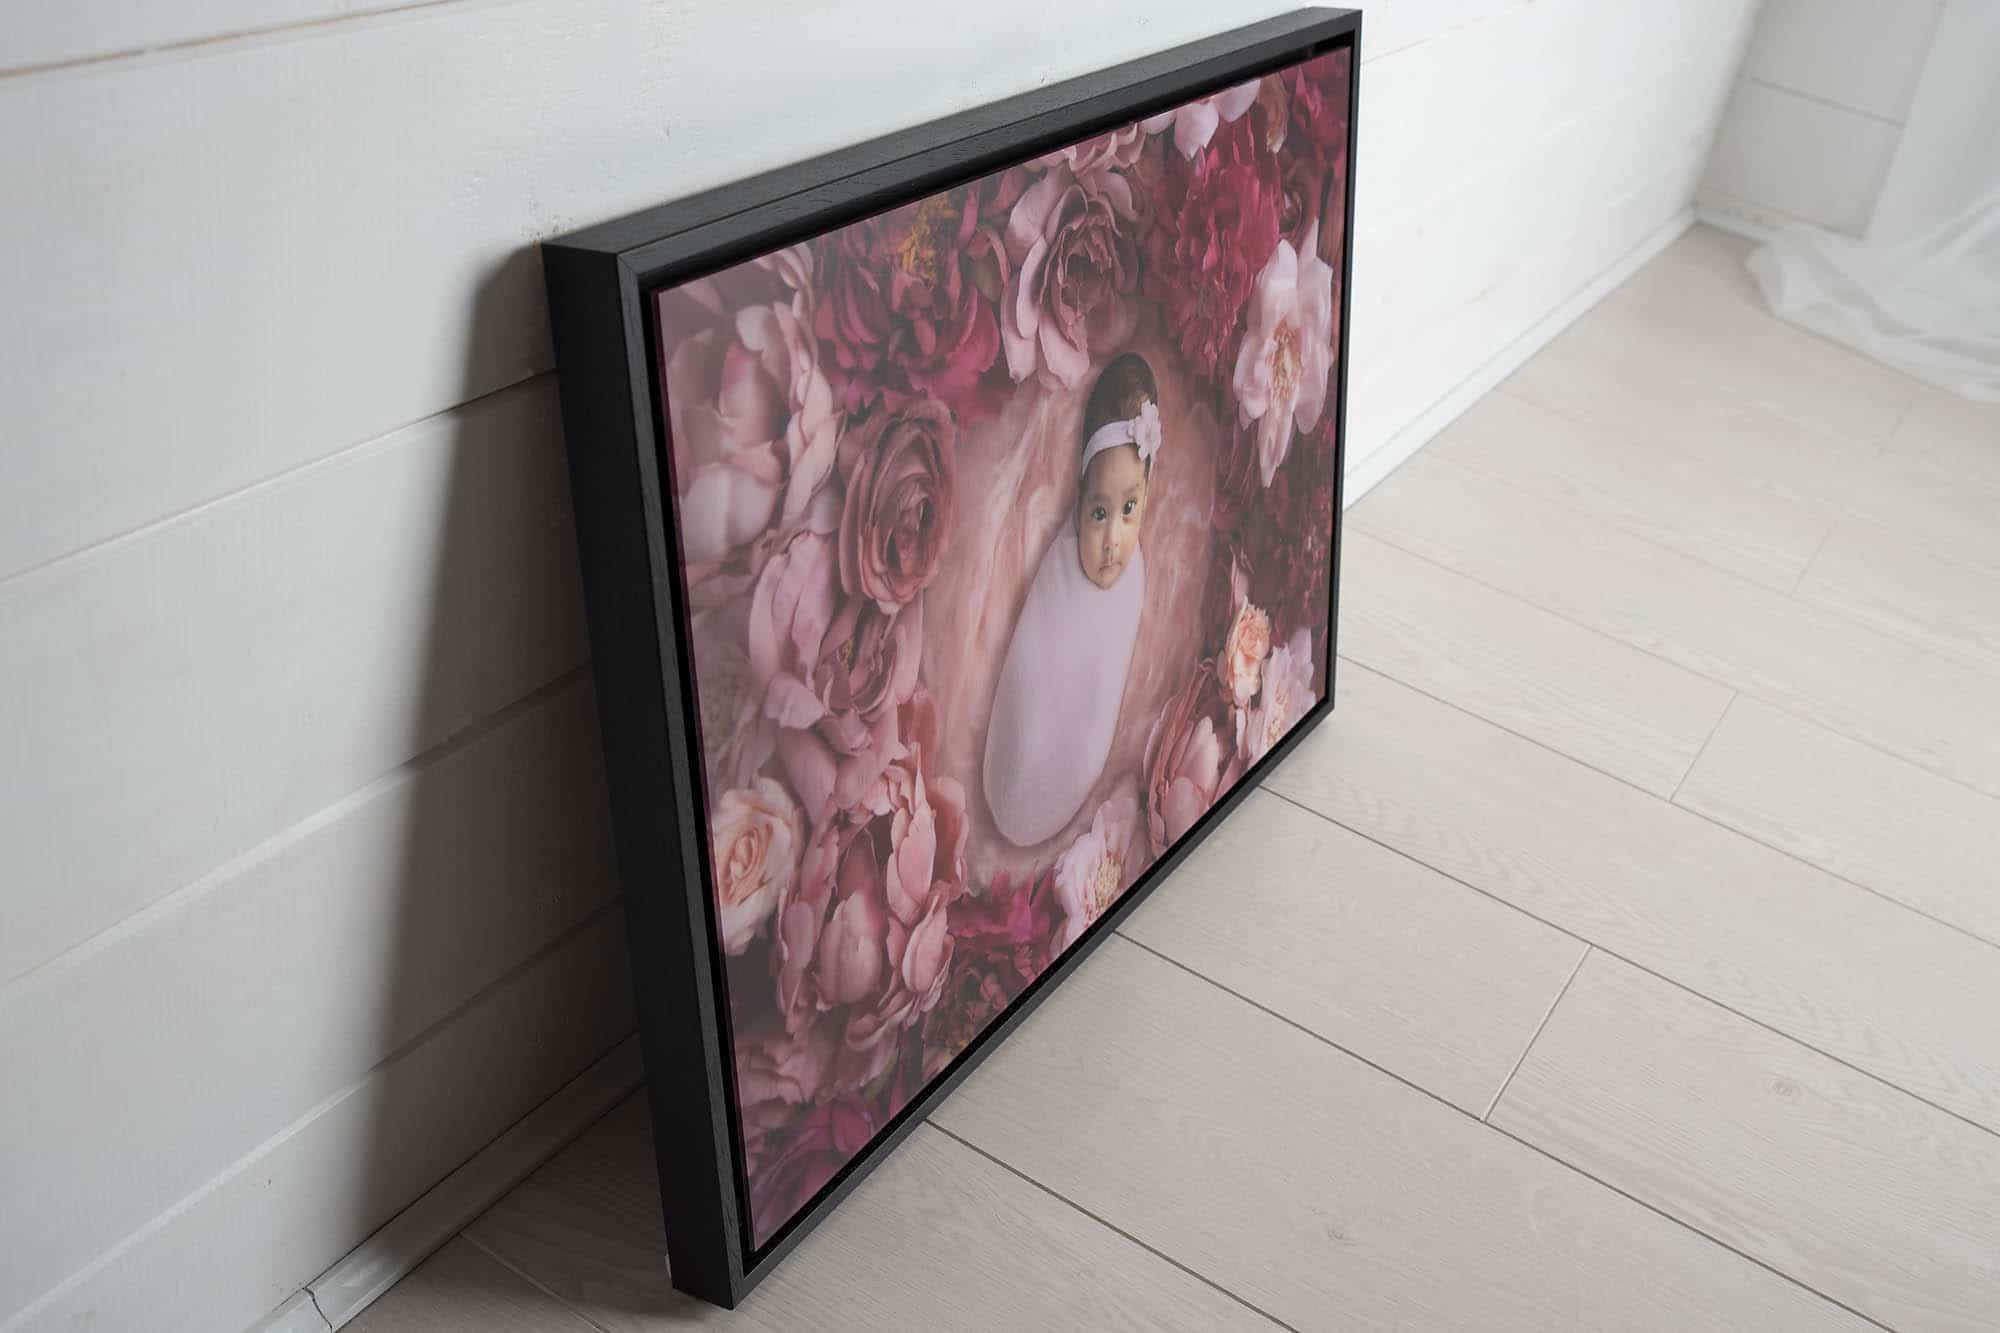 tray framed acrylic wall art on the floor